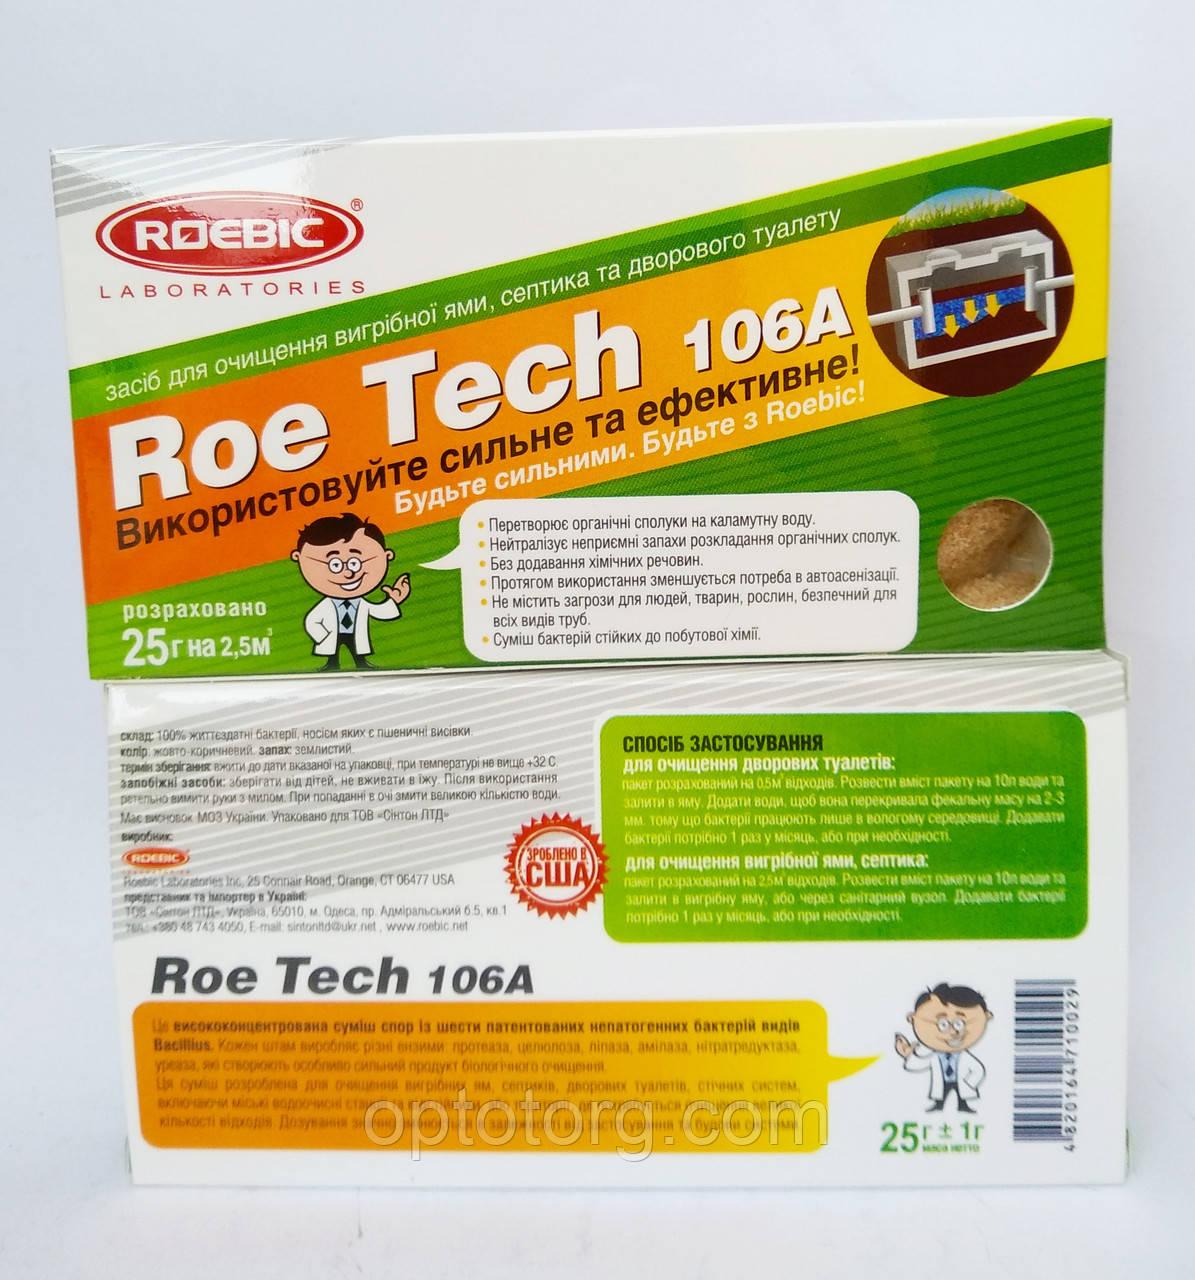 Биопрепараты Биобактерии для выгребных ям Доктор Робик  на 2.5 кубов качество